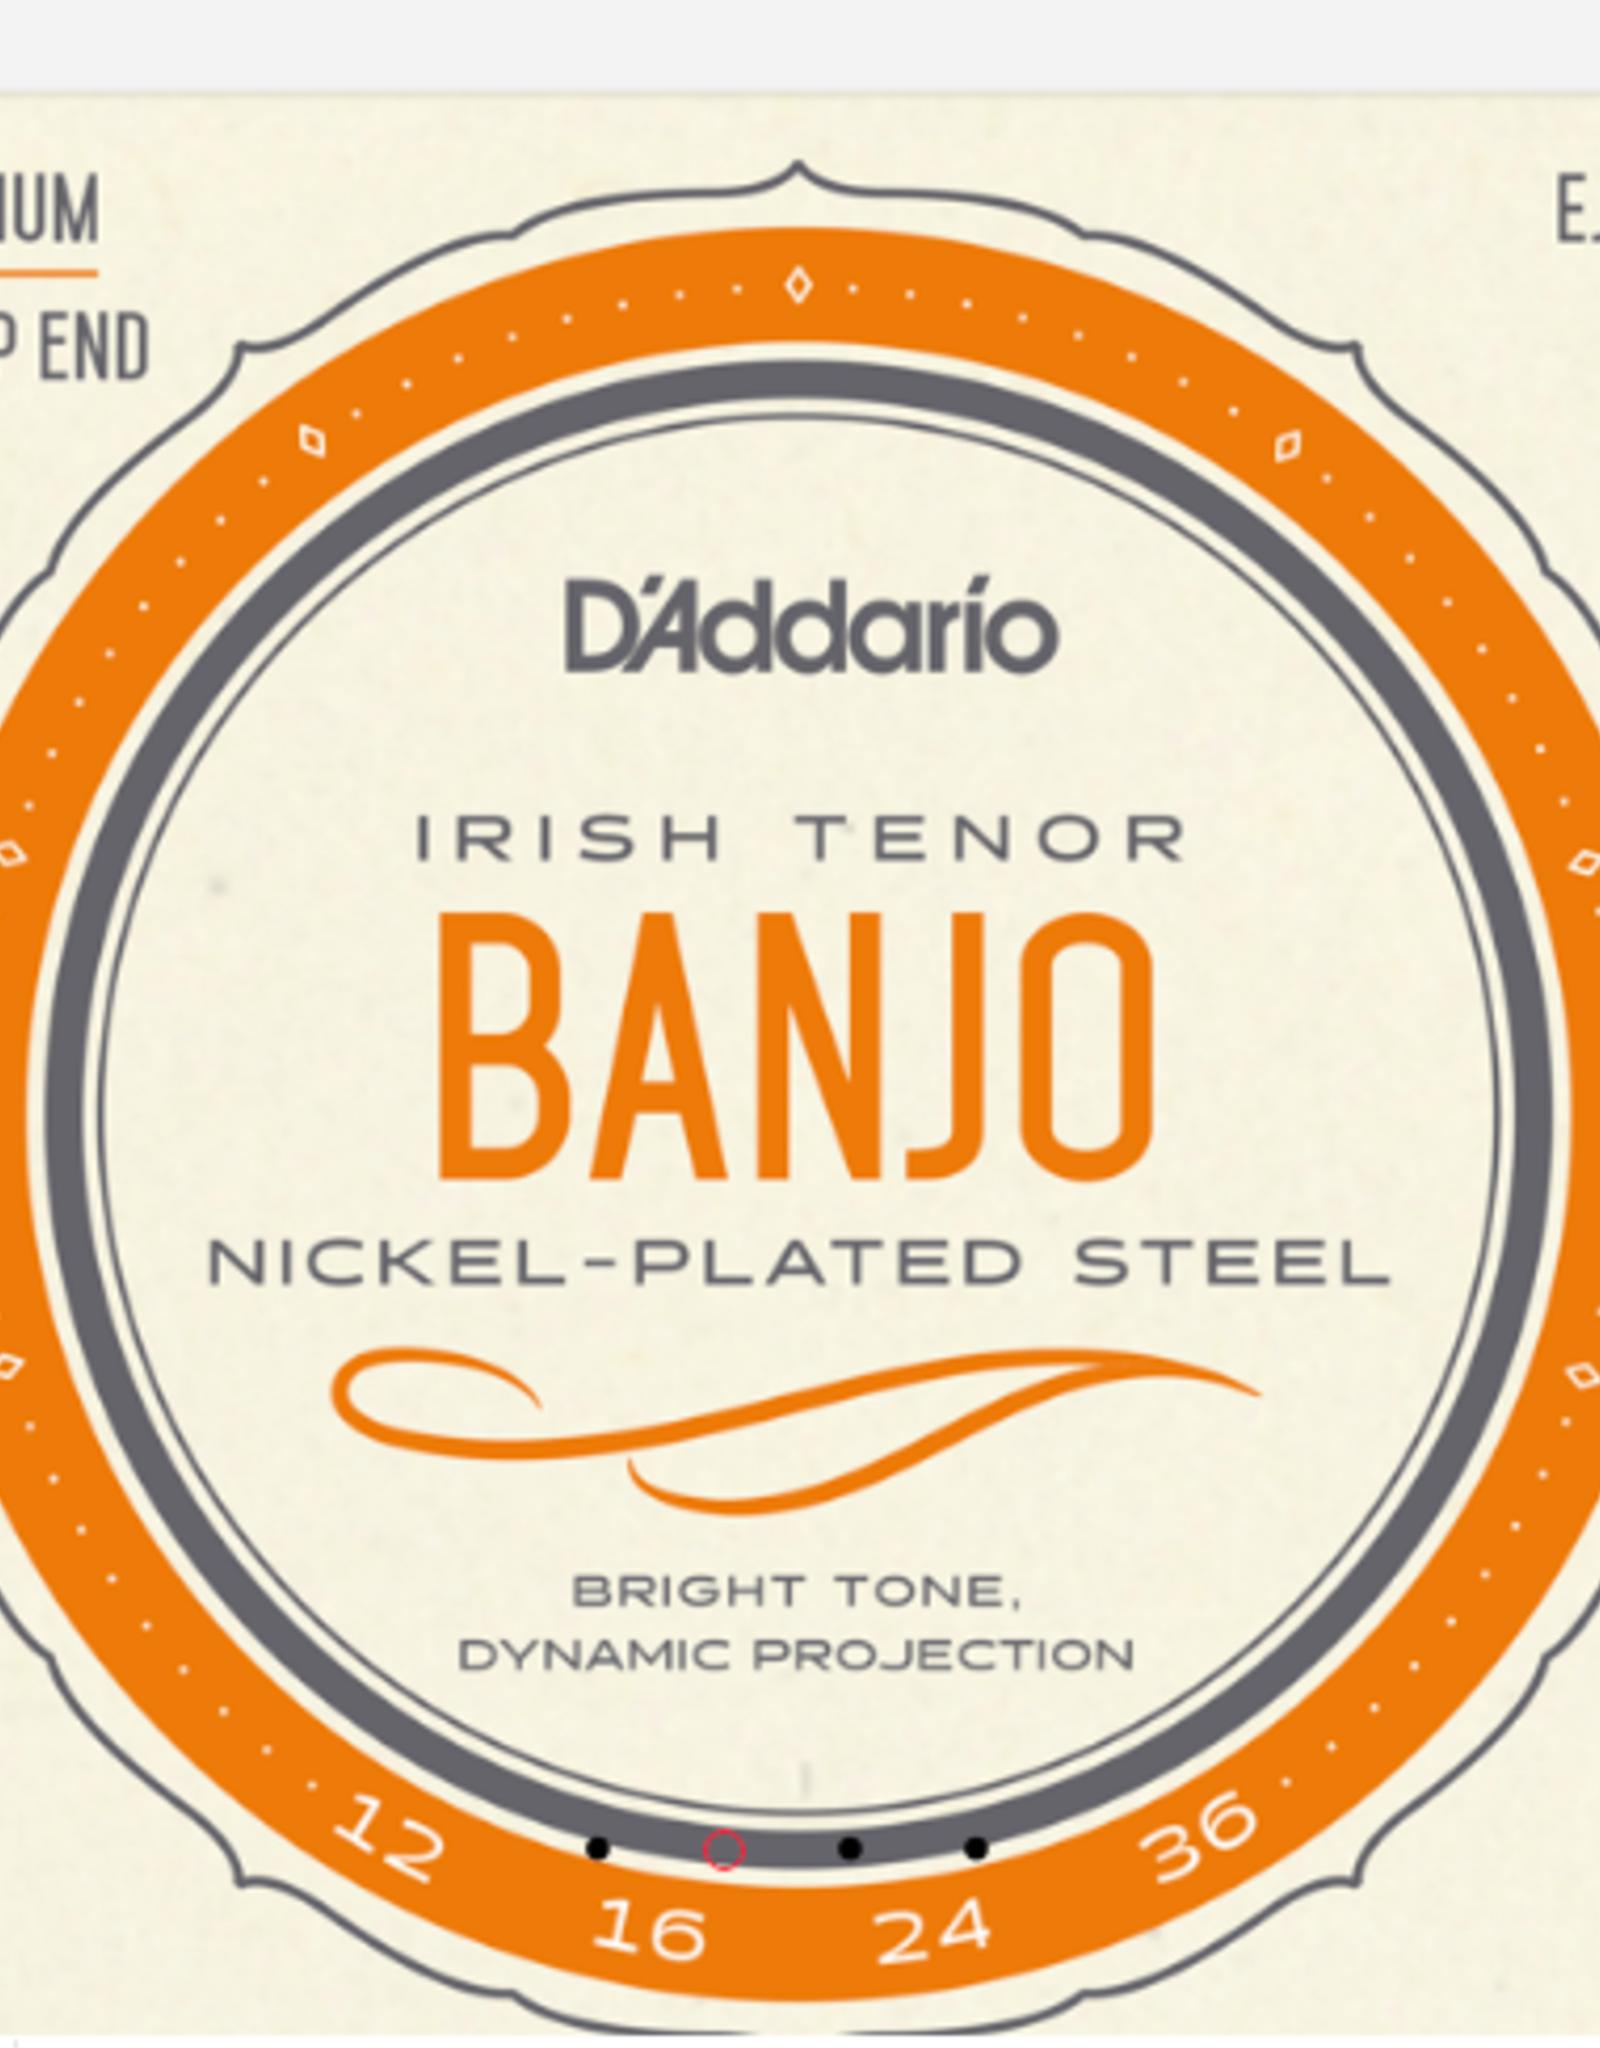 D'Addario D'Addario Irish Tenor Banjo Nickel, 12-36